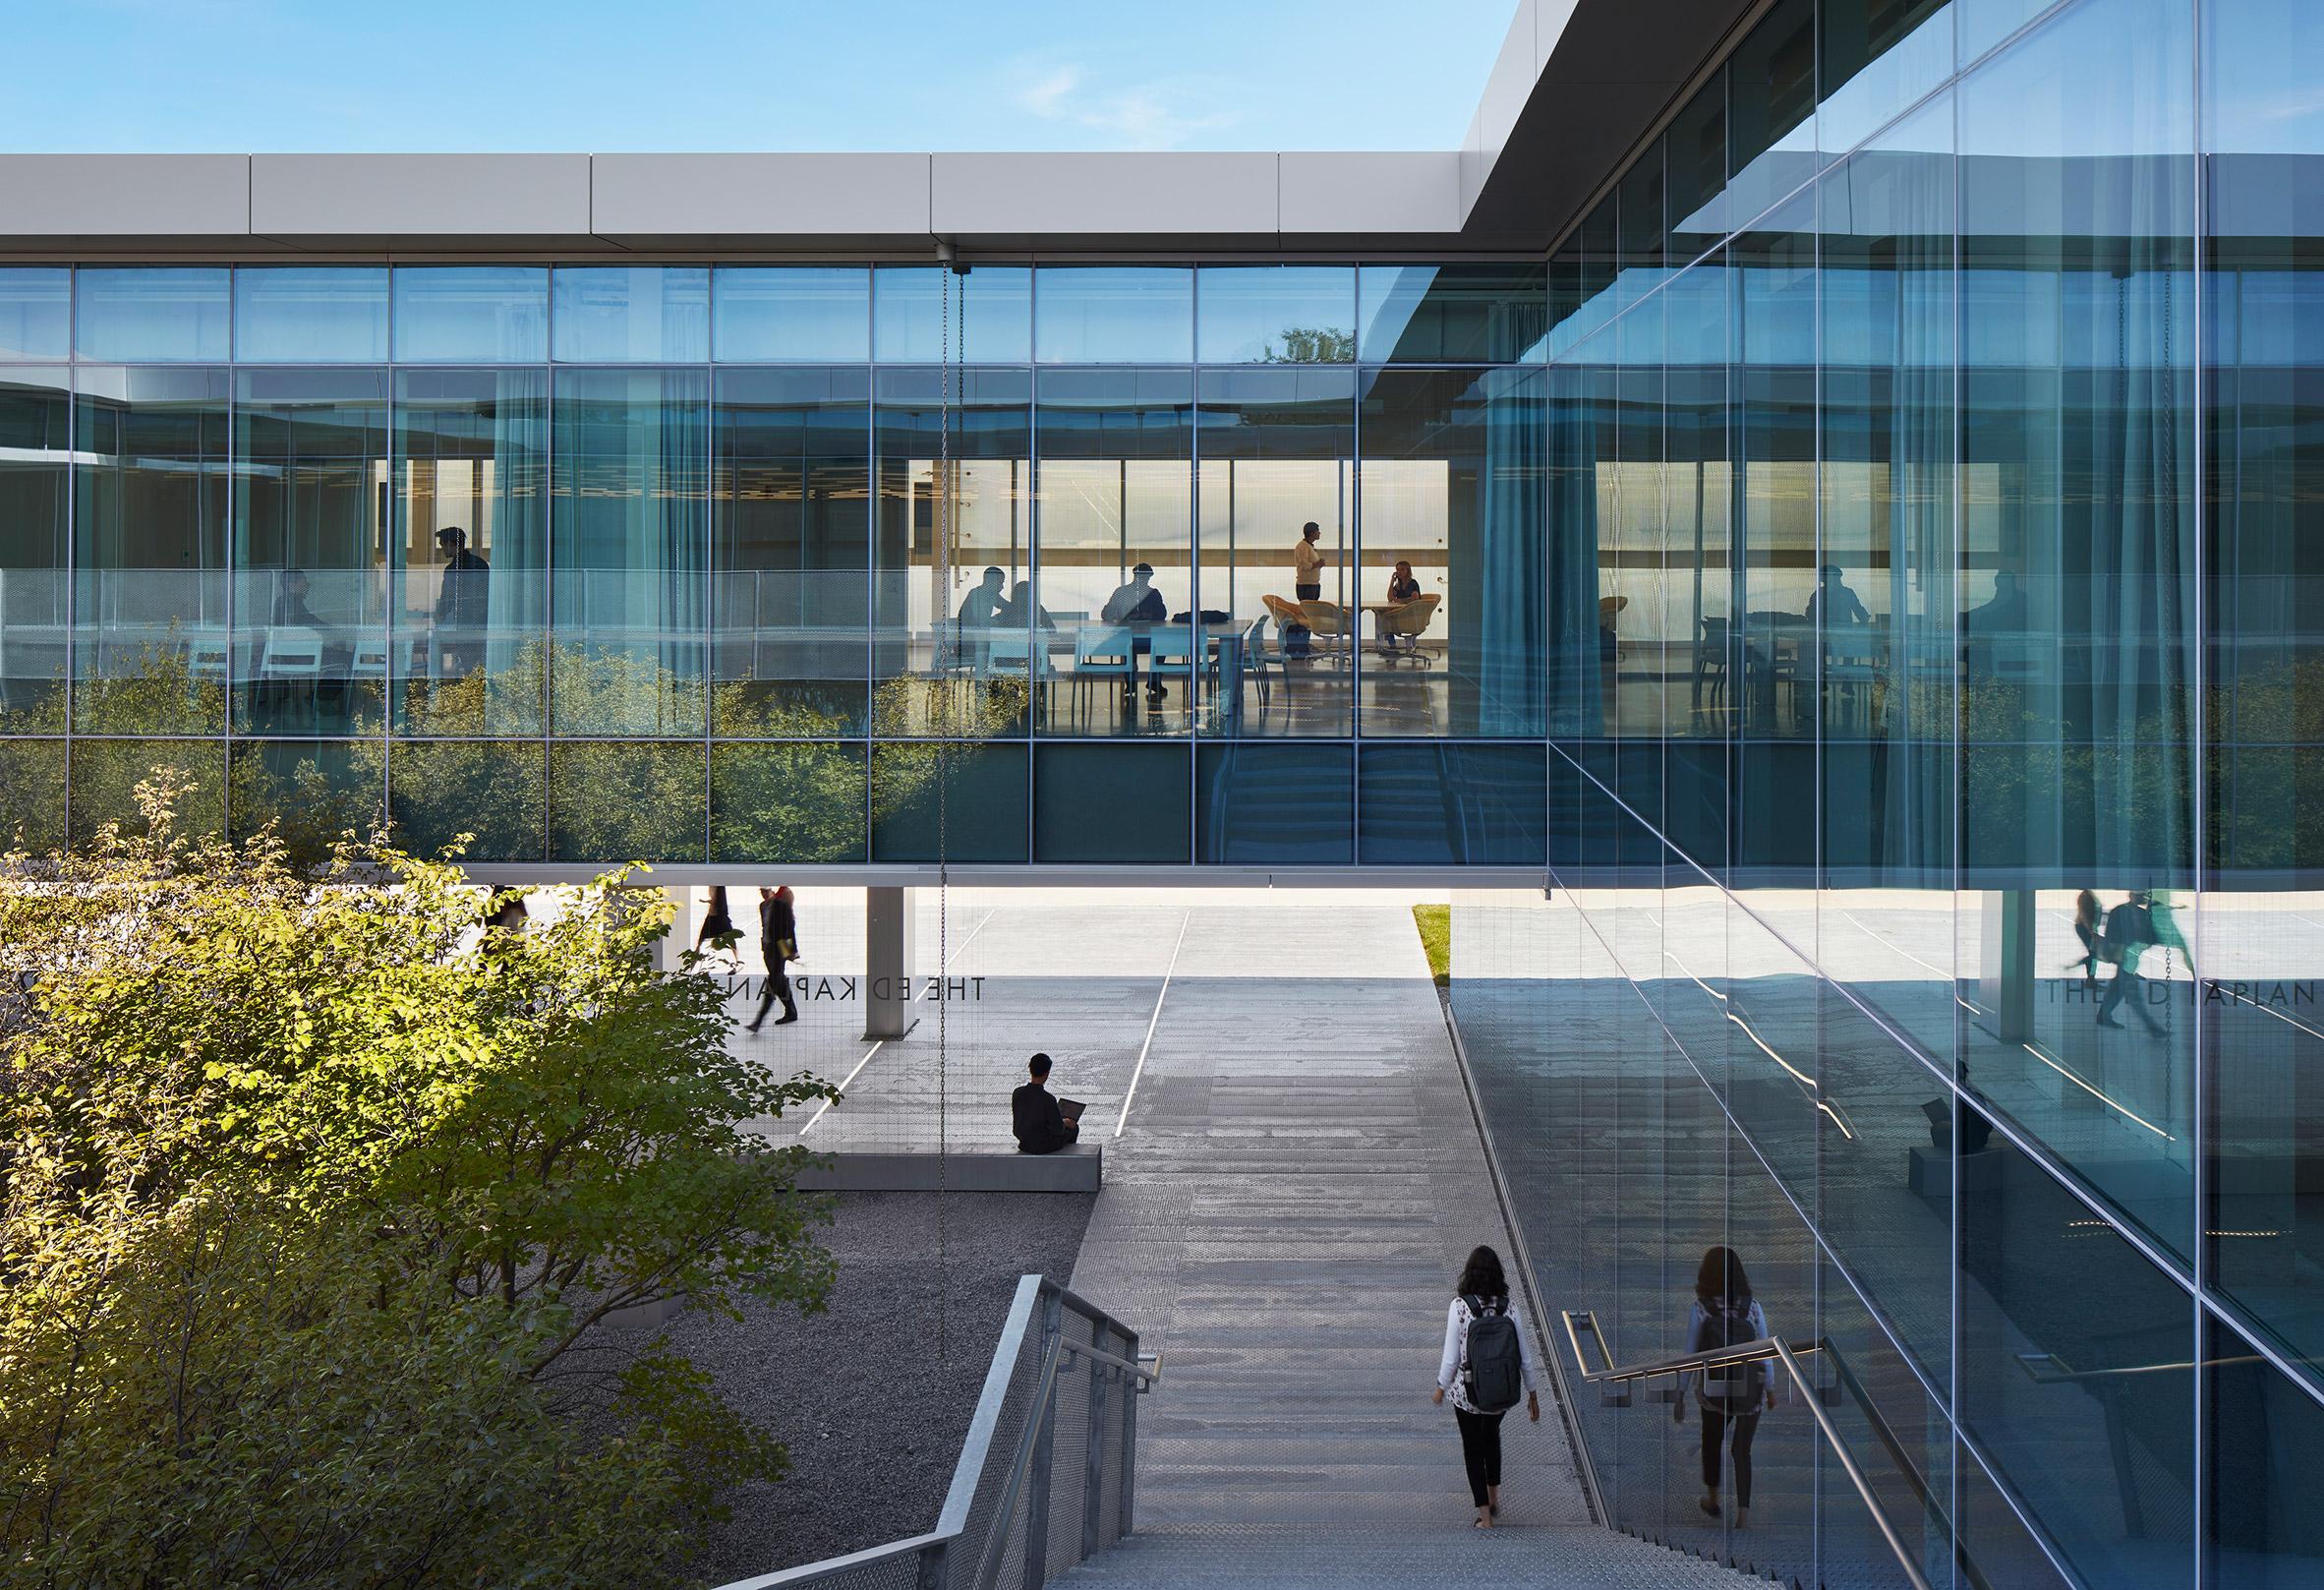 Kaplan Institute at IIT by John Ronan